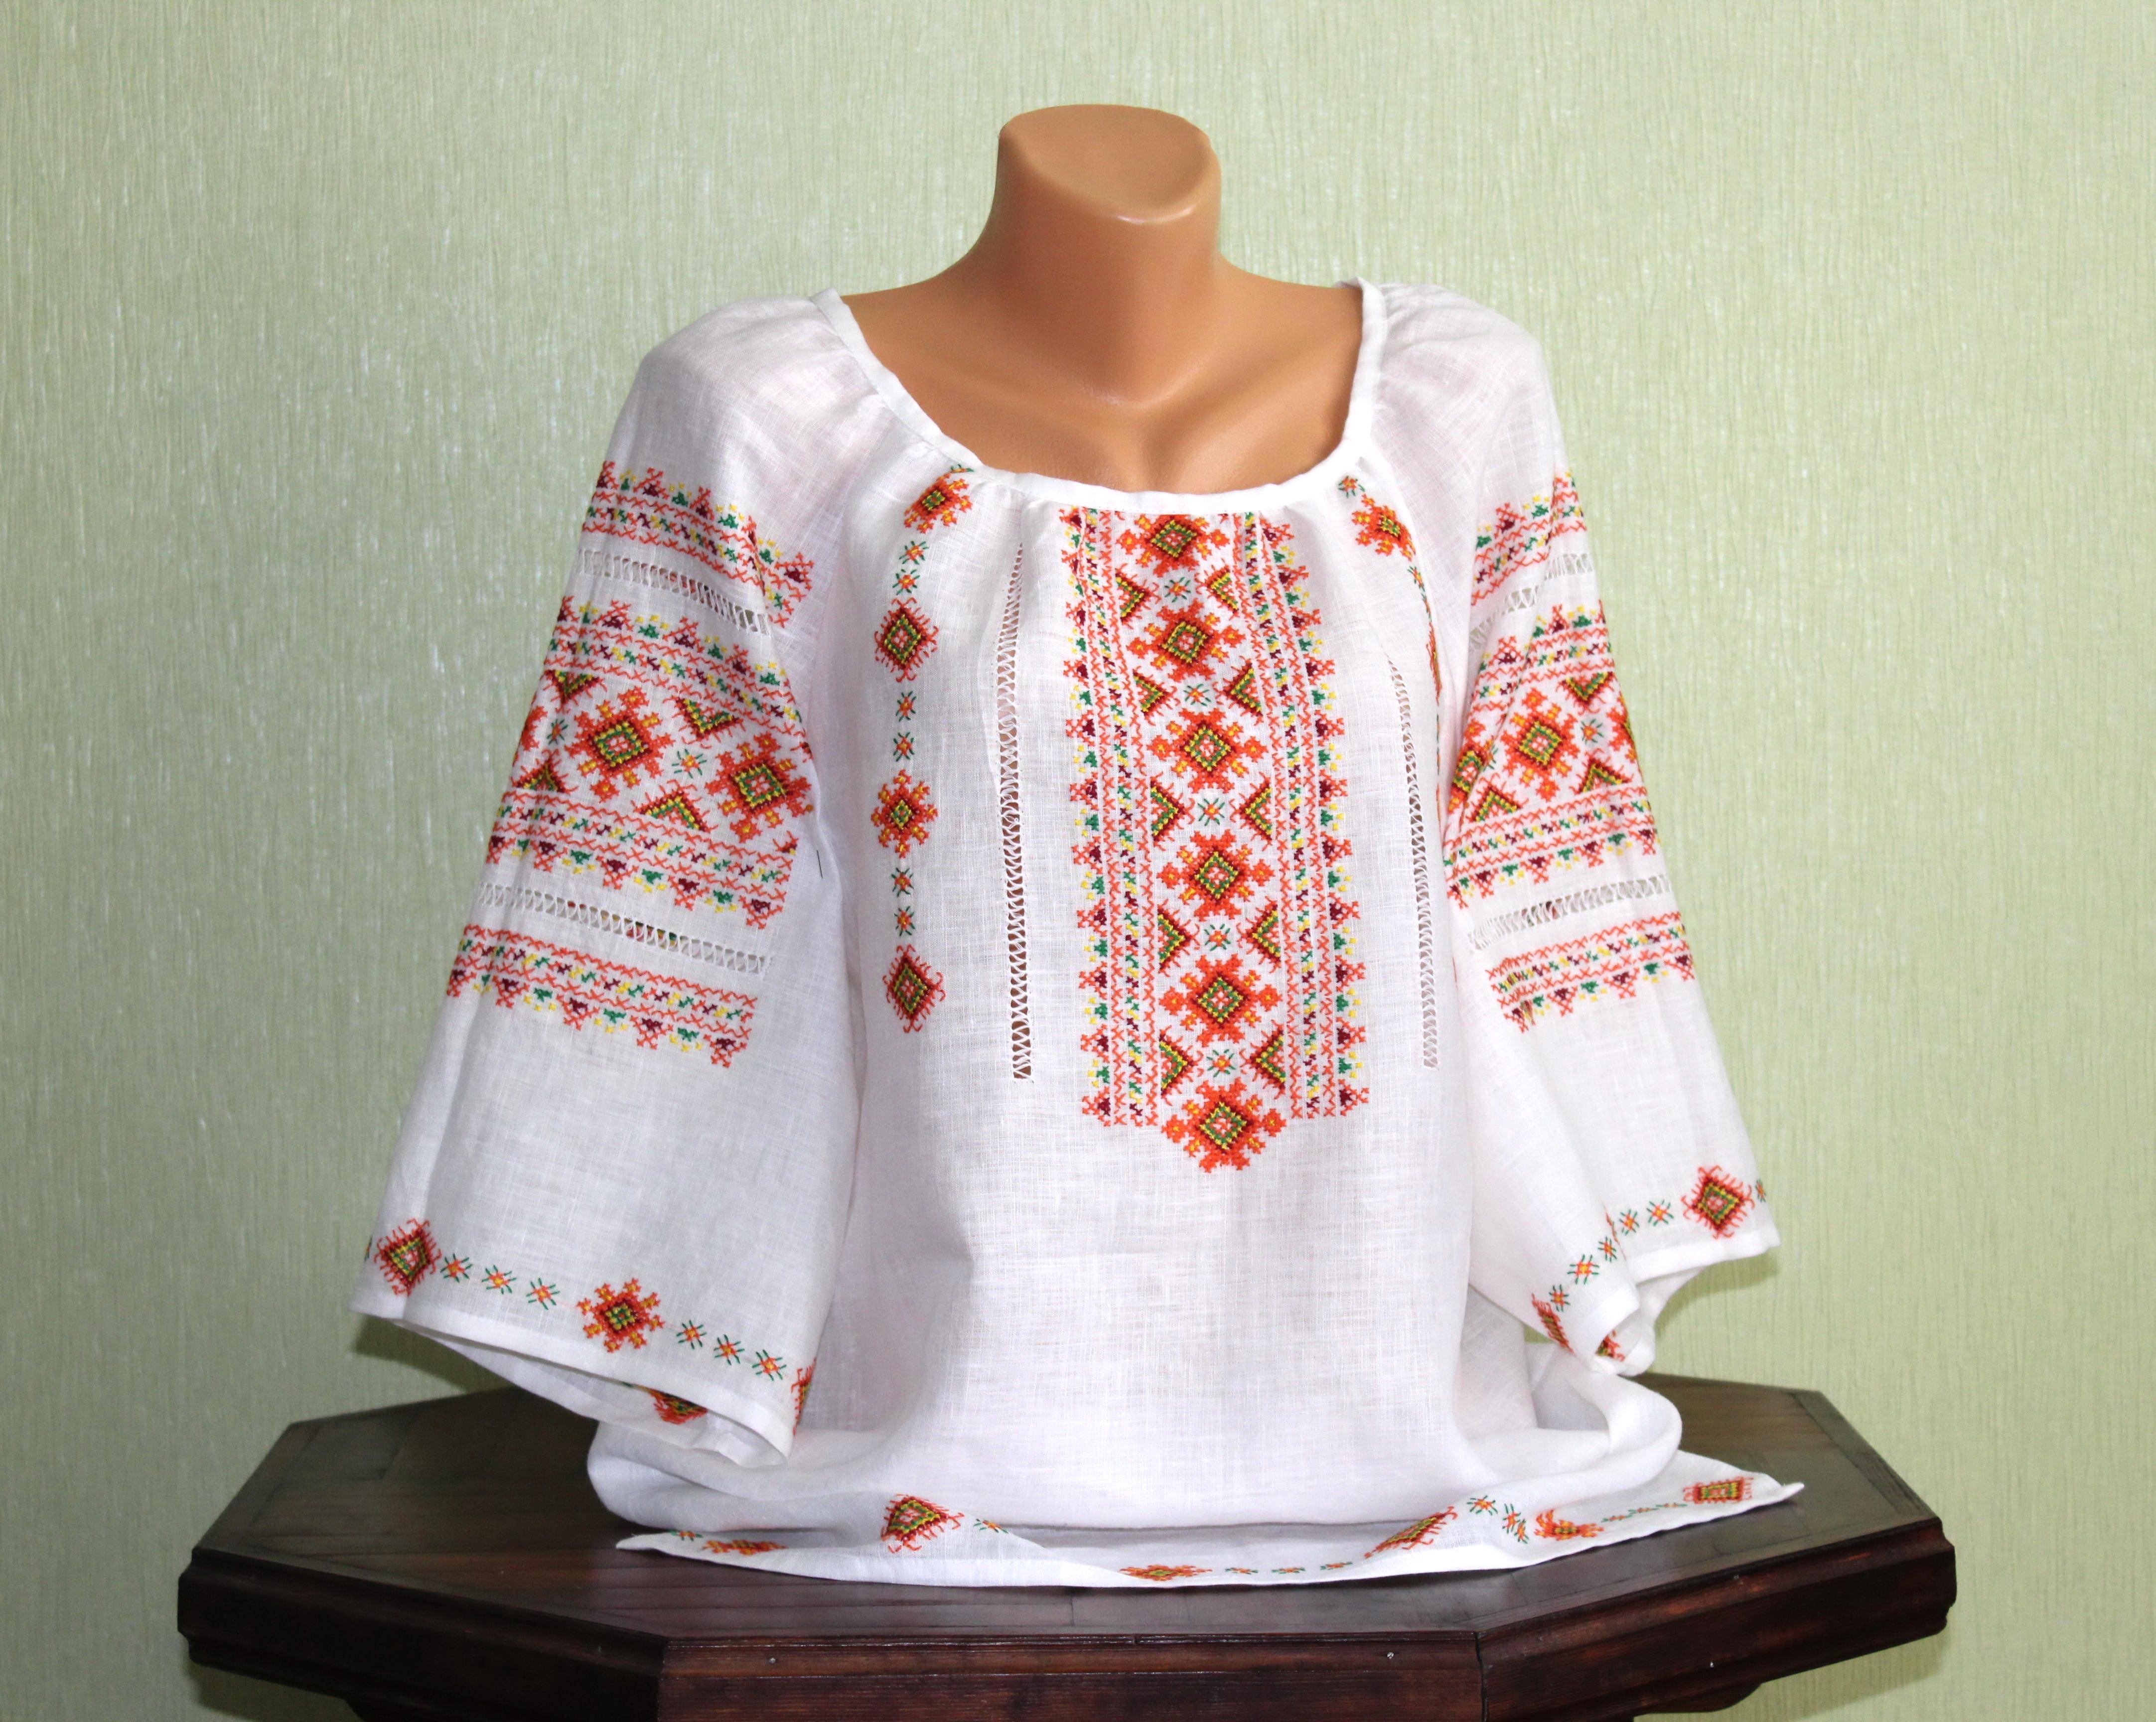 Женская вышиванка на льне с коротким рукавом ручной работы - Товары ... d22e568a72604